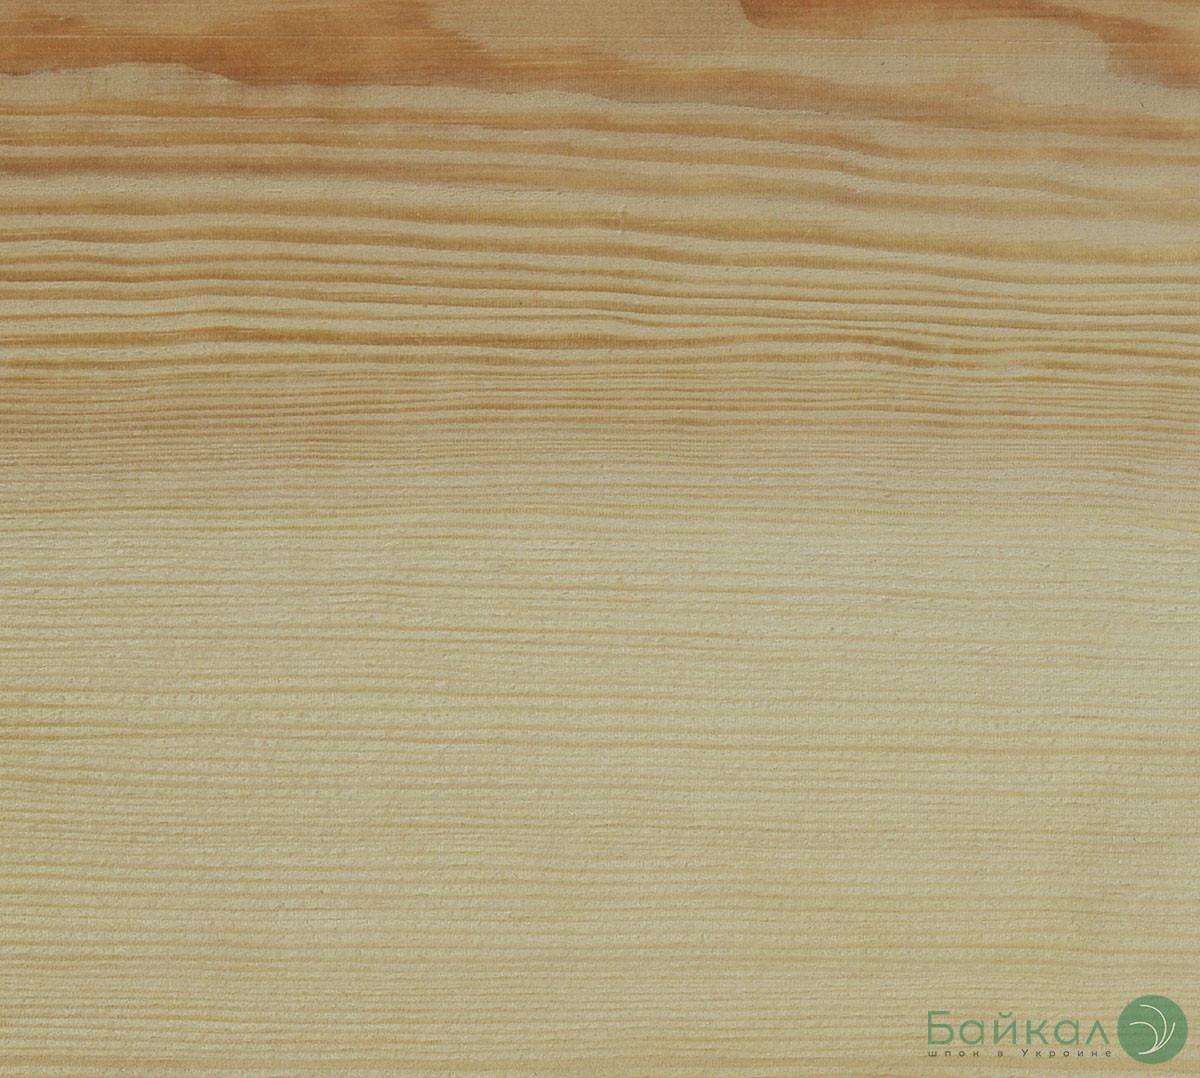 Шпон Сосны - 2,5 мм длина от 0,50 - 0,75 м / ширина от 9 см (I сорт)